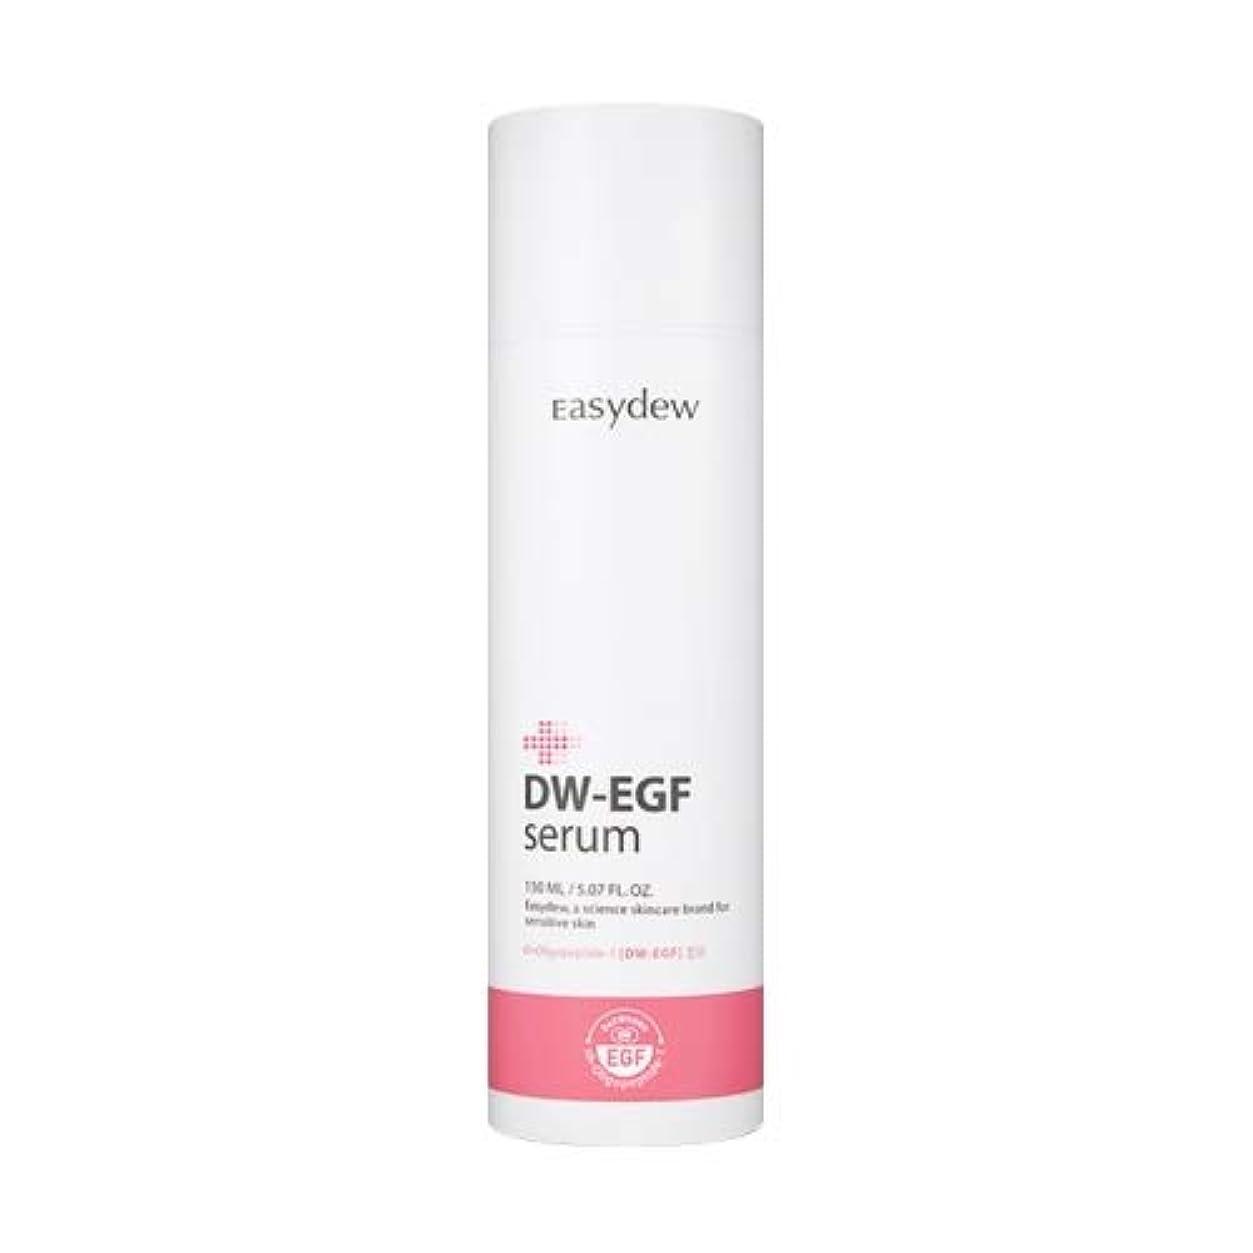 たるみ見落とす比較的Easydew DW-EGF セラム 美容液 150ml Easydew DW-EGF Serum 人気 スキンケア